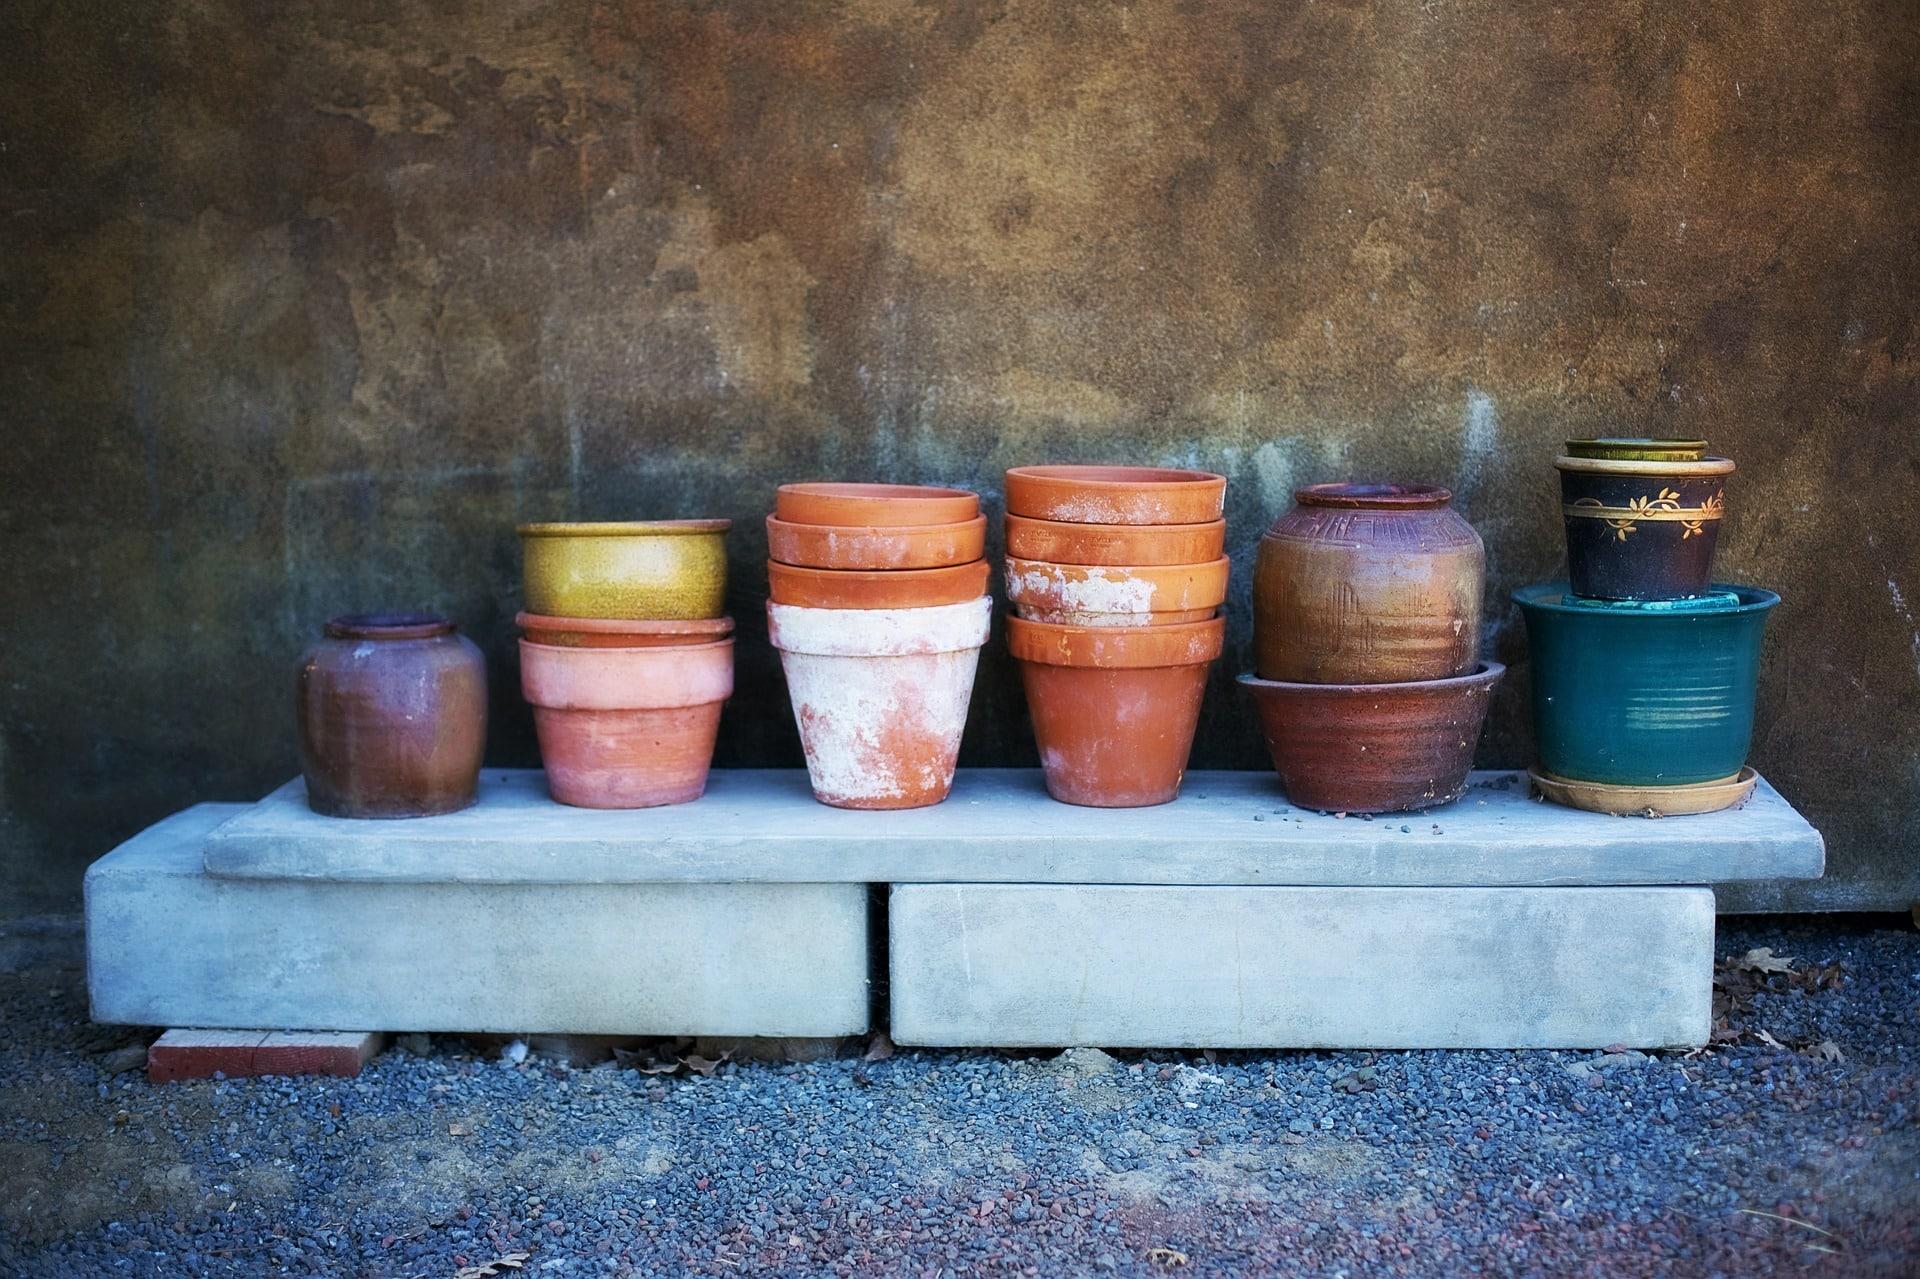 C mo limpiar macetas de barro usando vinagre succulent - Limpiar suelos de barro ...